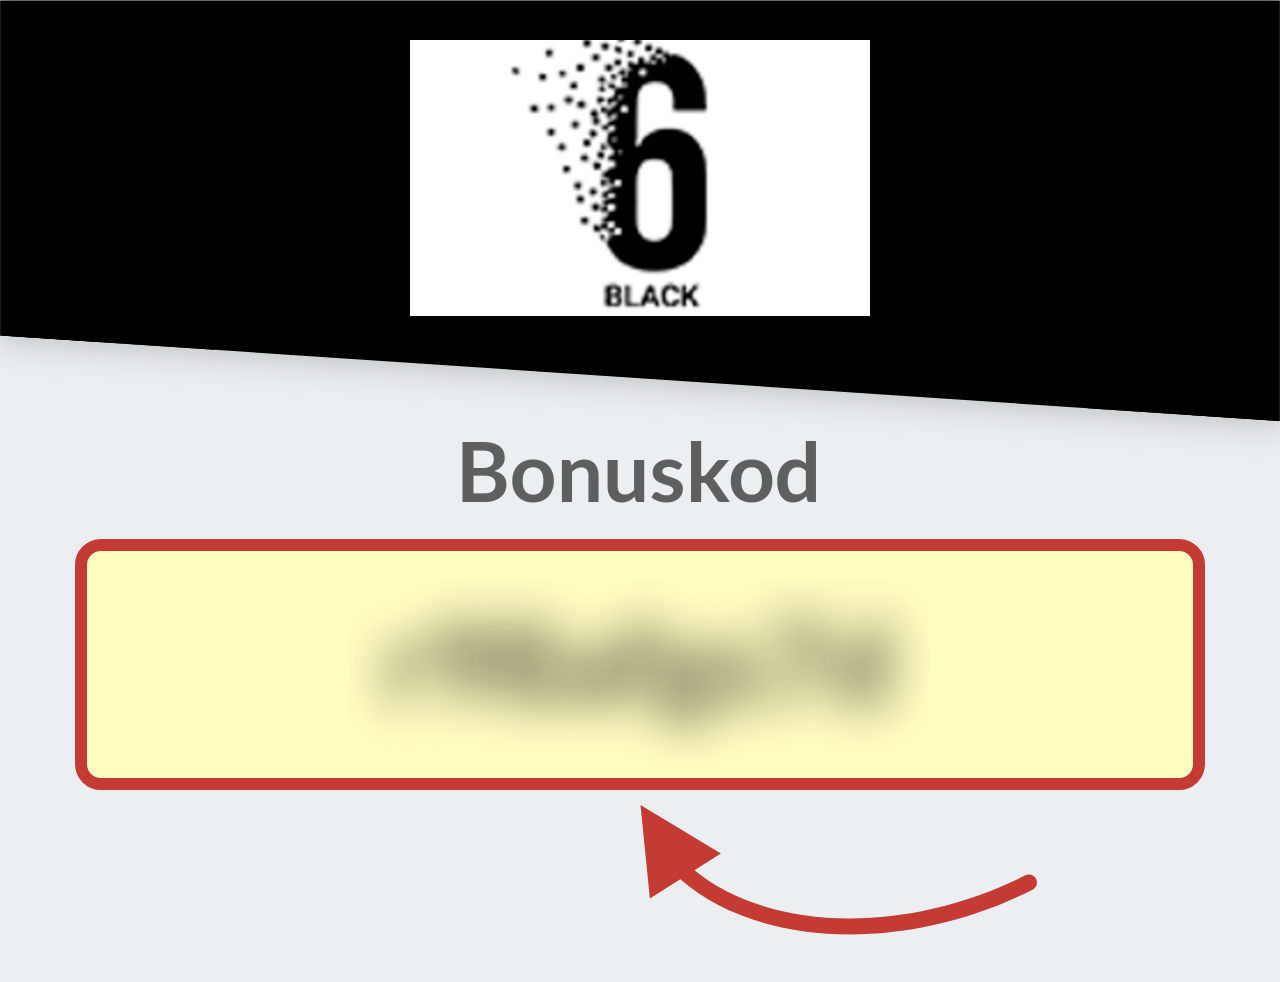 6Black Casino Bonuskod